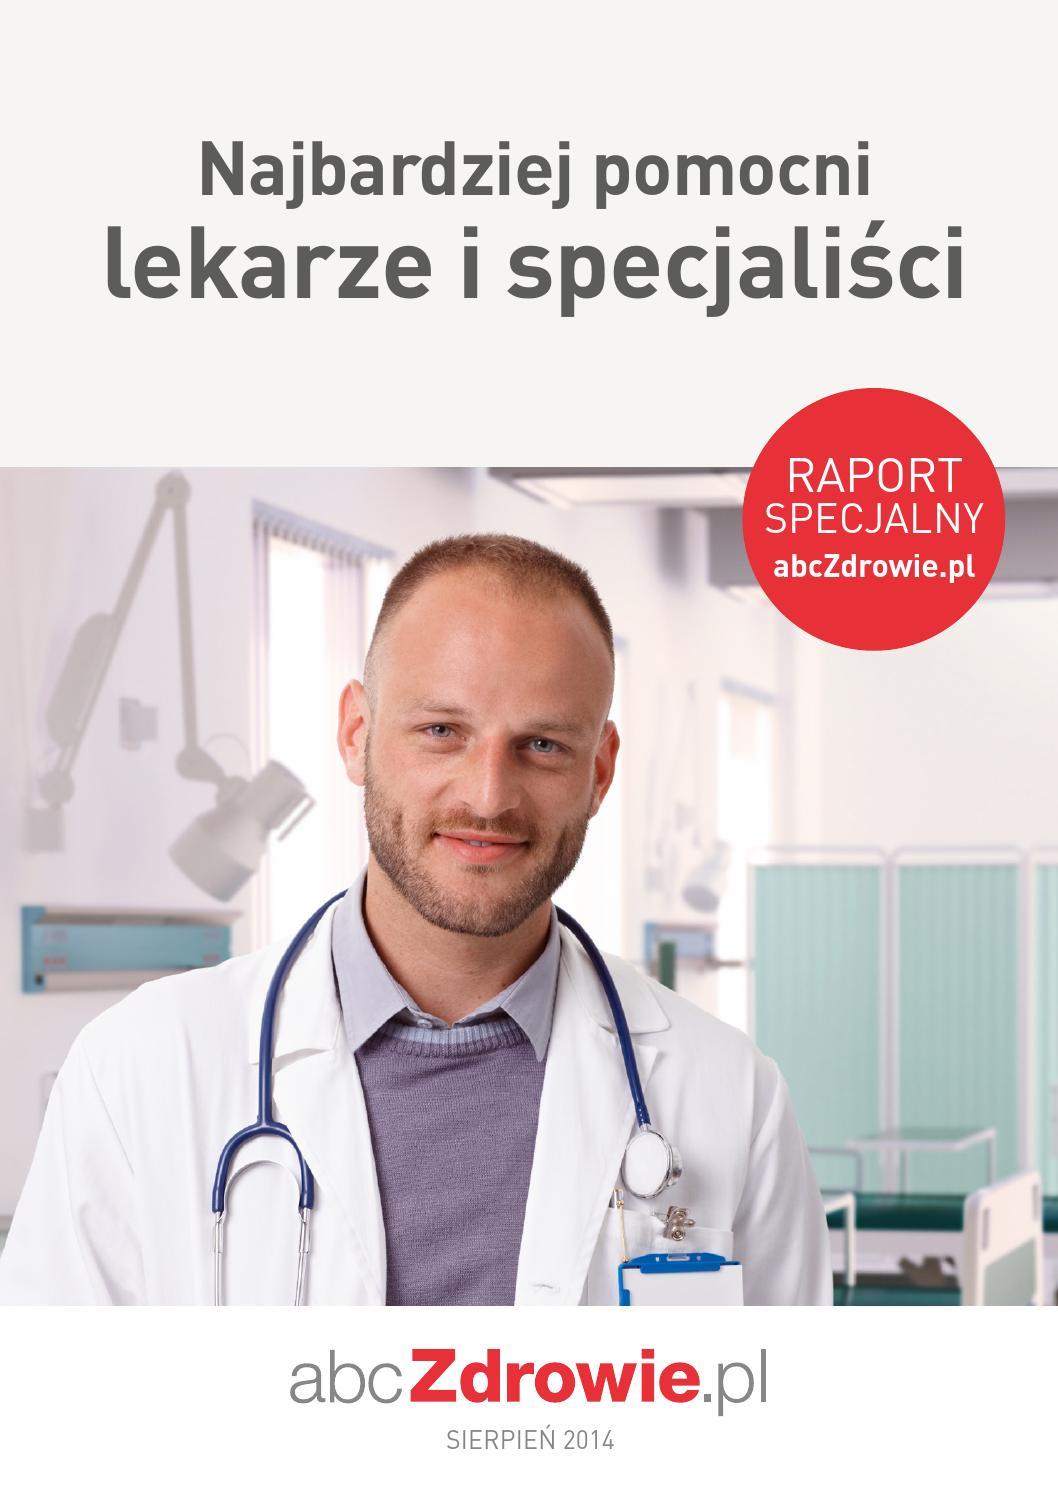 Najbardziej pomocni lekarze i specjaliści - sierpień 2014 by